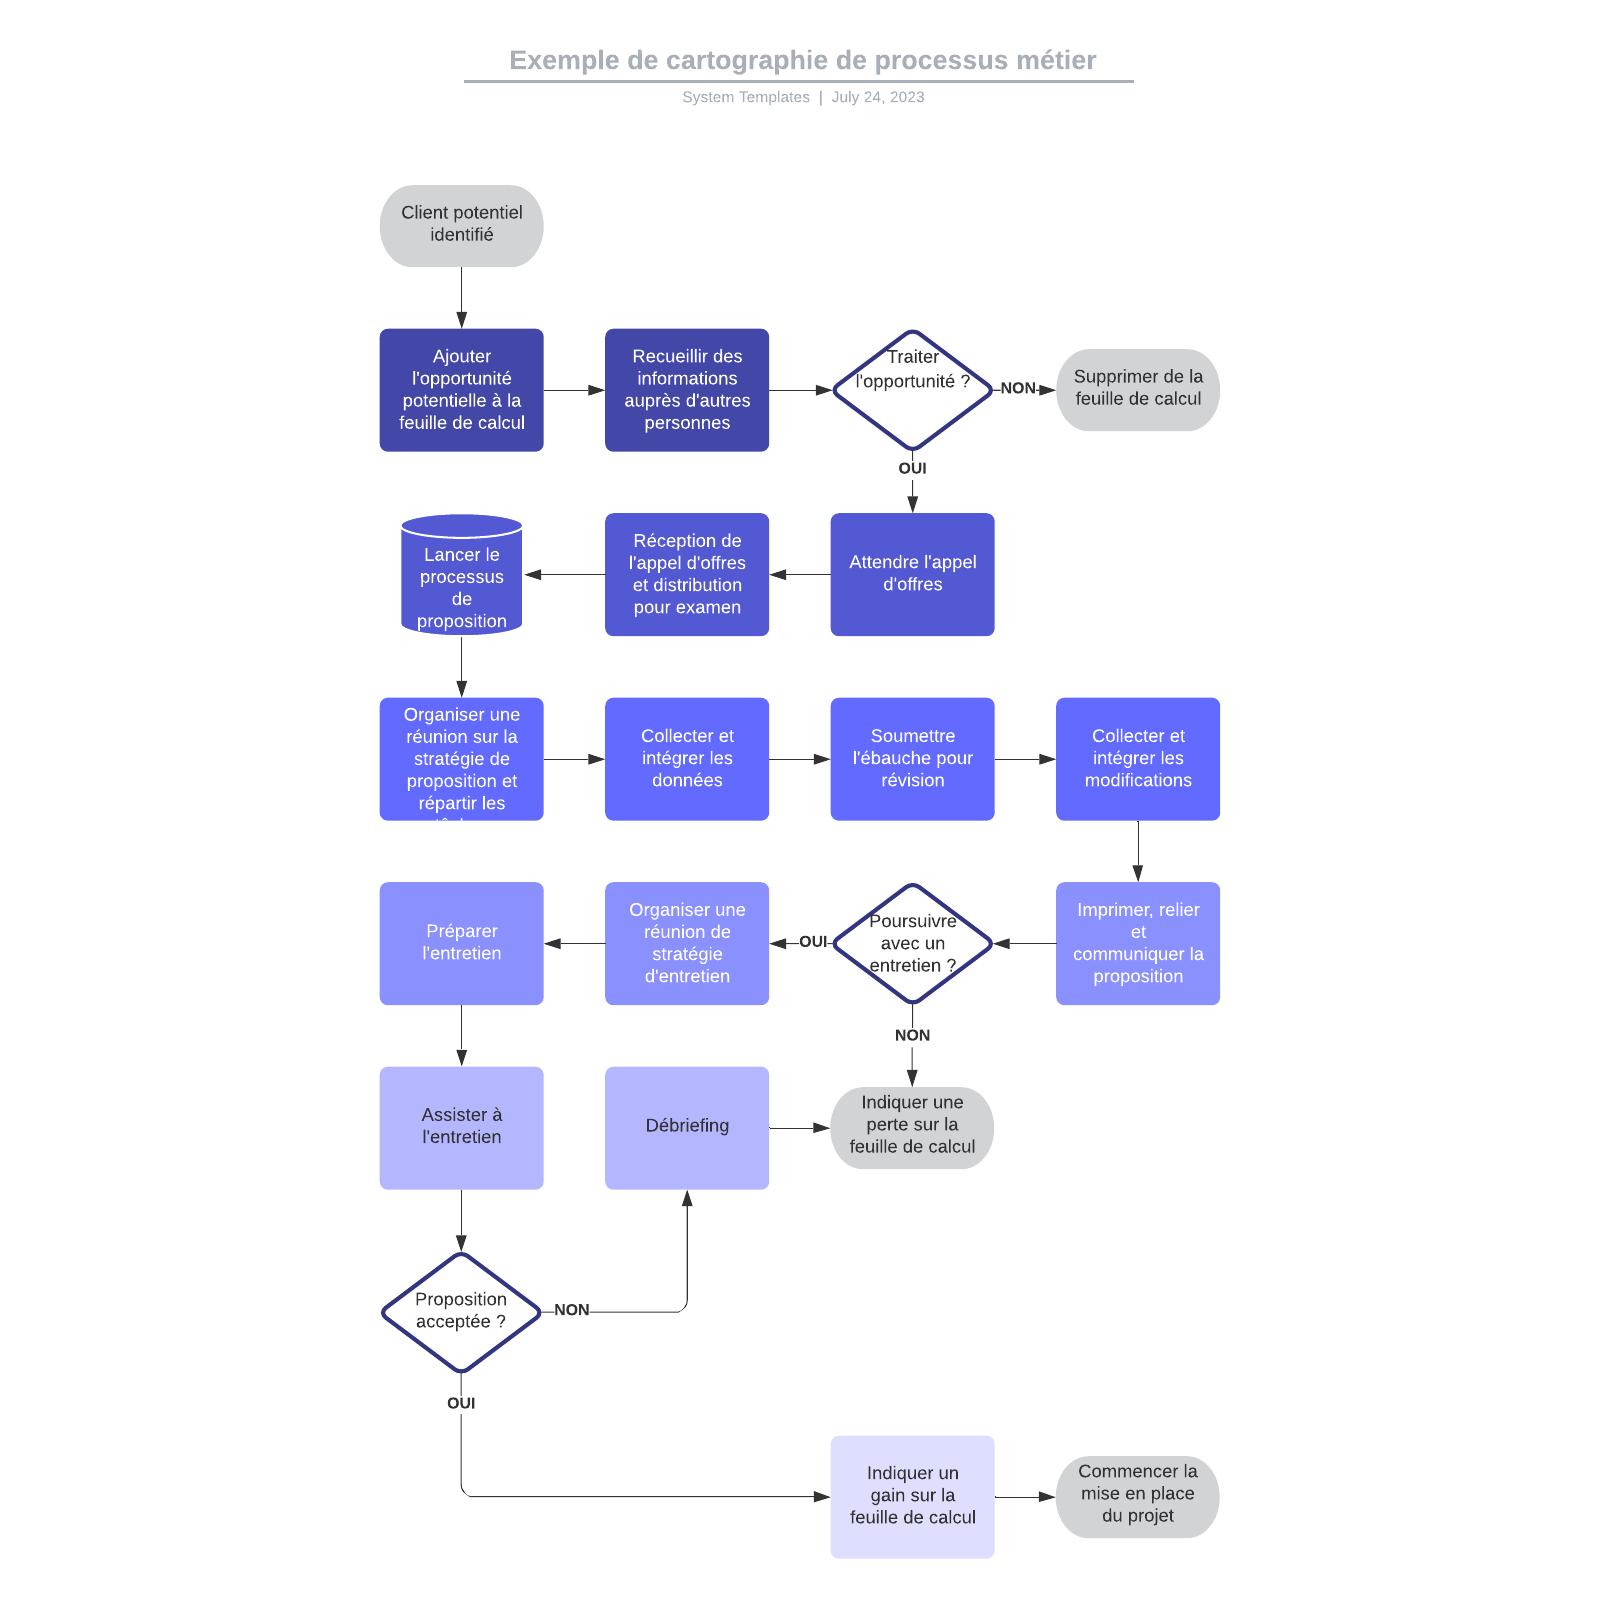 exemple de cartographie de processus métier